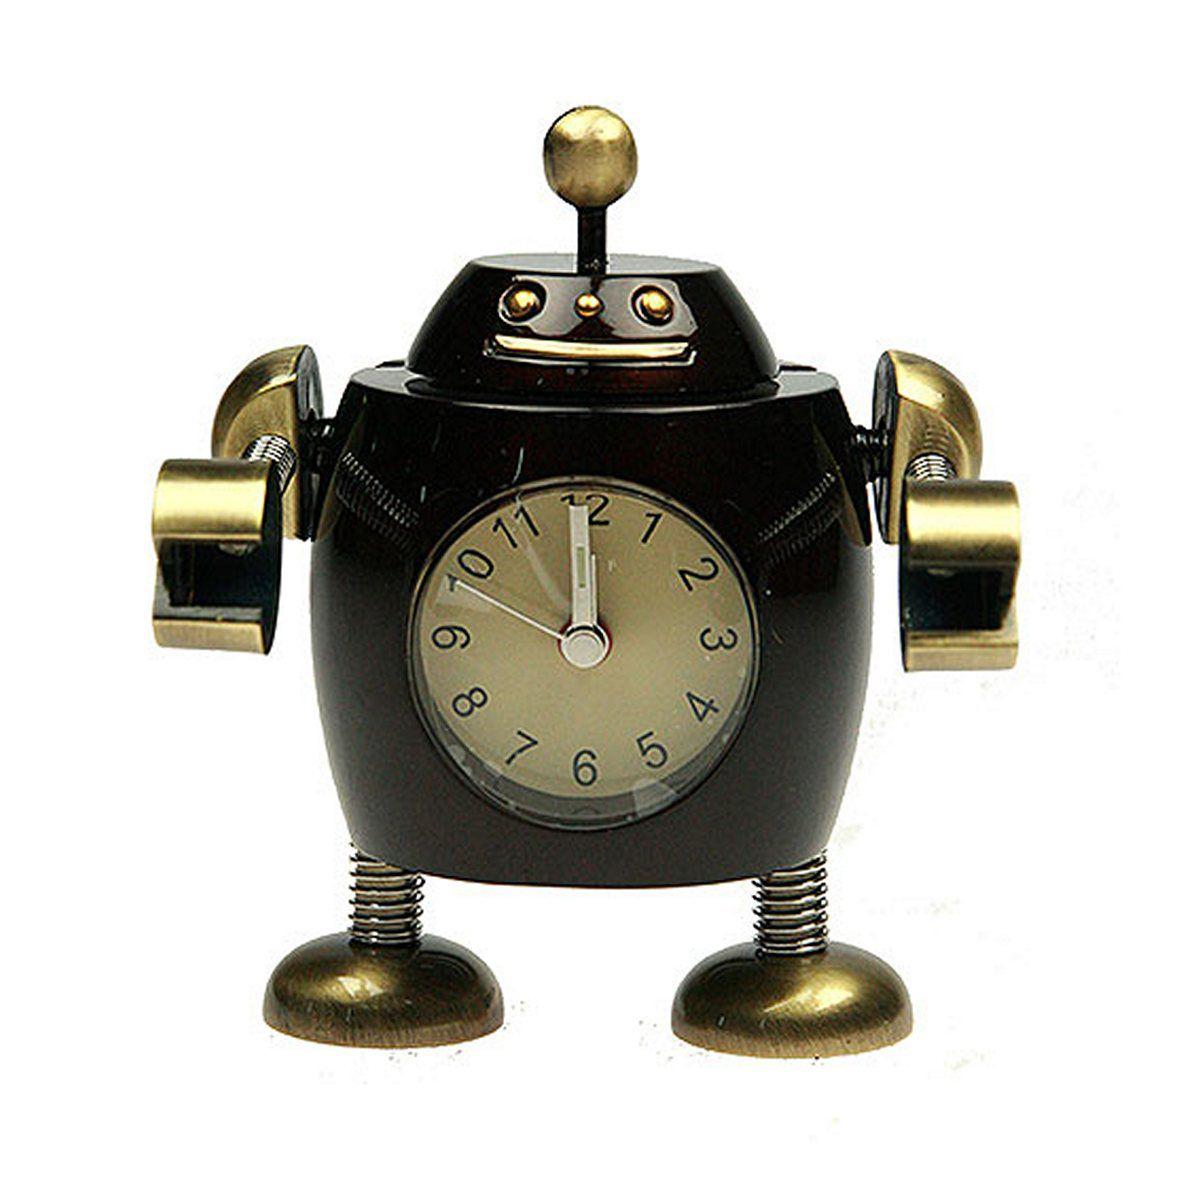 Часы настольные Русские Подарки Робот. 2243394672Настольные кварцевые часы Русские Подарки Робот изготовлены из металла. Изделие оригинально оформлено в виде робота. Часы имеют три стрелки - часовую, минутную и секундную.Такие часы украсят интерьер дома или рабочий стол в офисе. Также часы могут стать уникальным, полезным подарком для родственников, коллег, знакомых и близких.Часы работают от батареек типа SR626 (в комплект не входят).